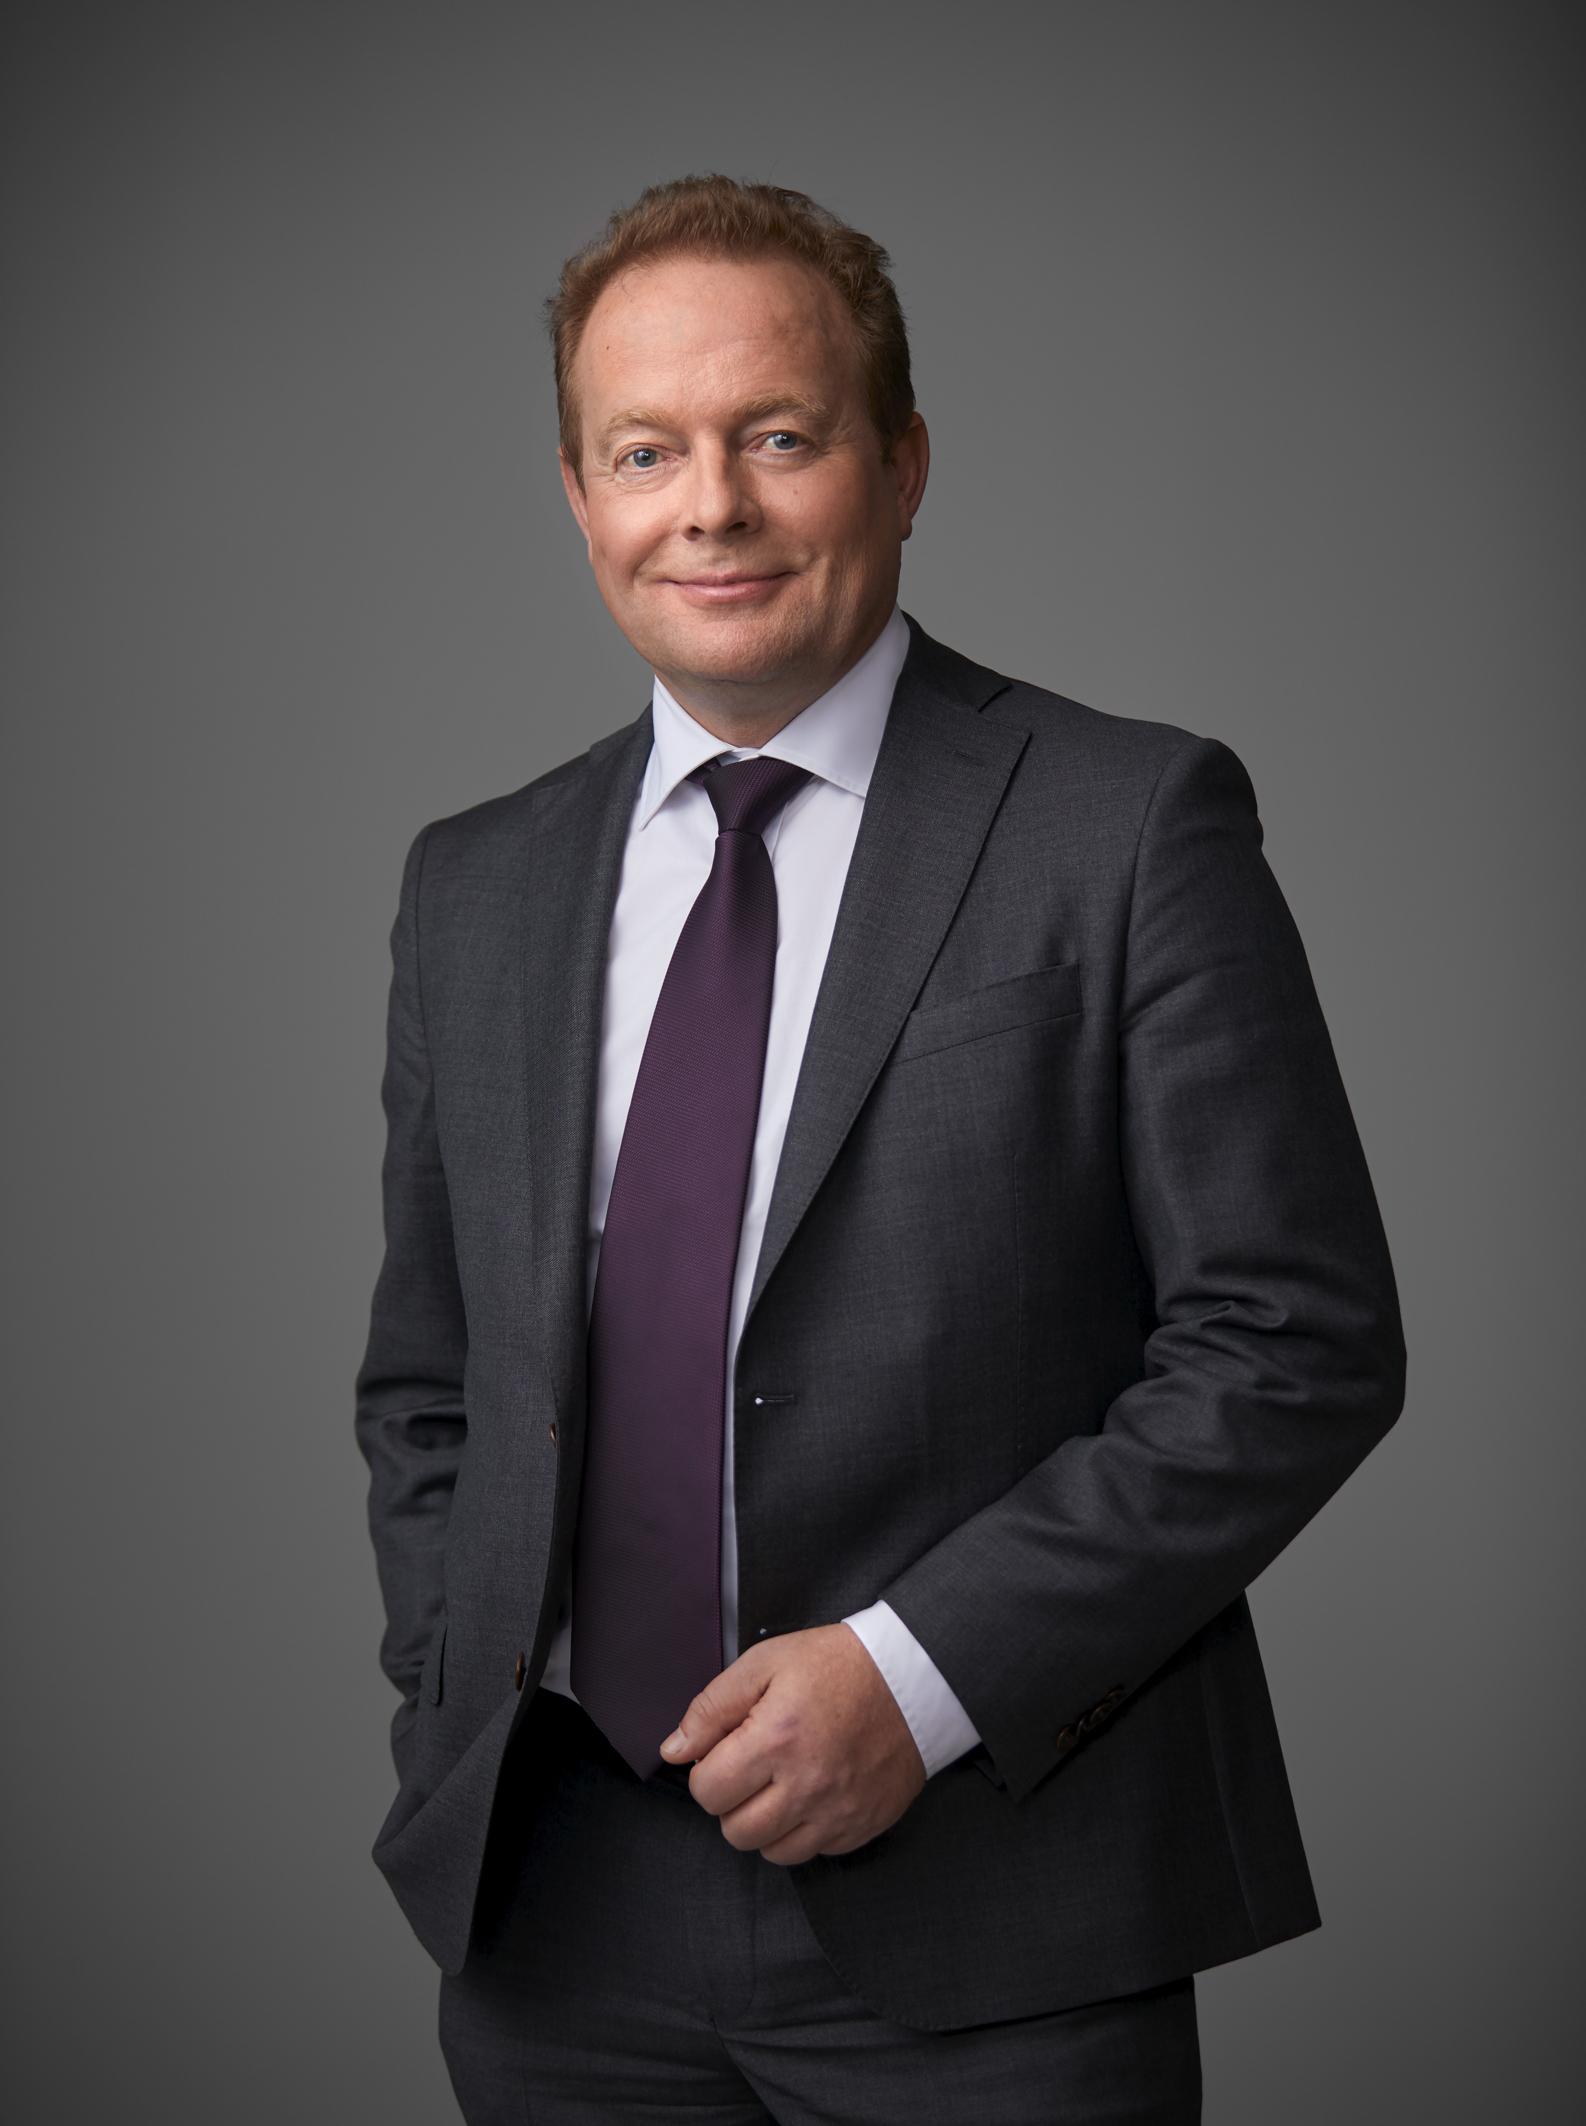 Die Geschäfte der Kinnarps GmbH werden durch den CEO der Kinnarps Gruppe, Robert Petersson, weitergeführt. Abbildung: Kinnarps